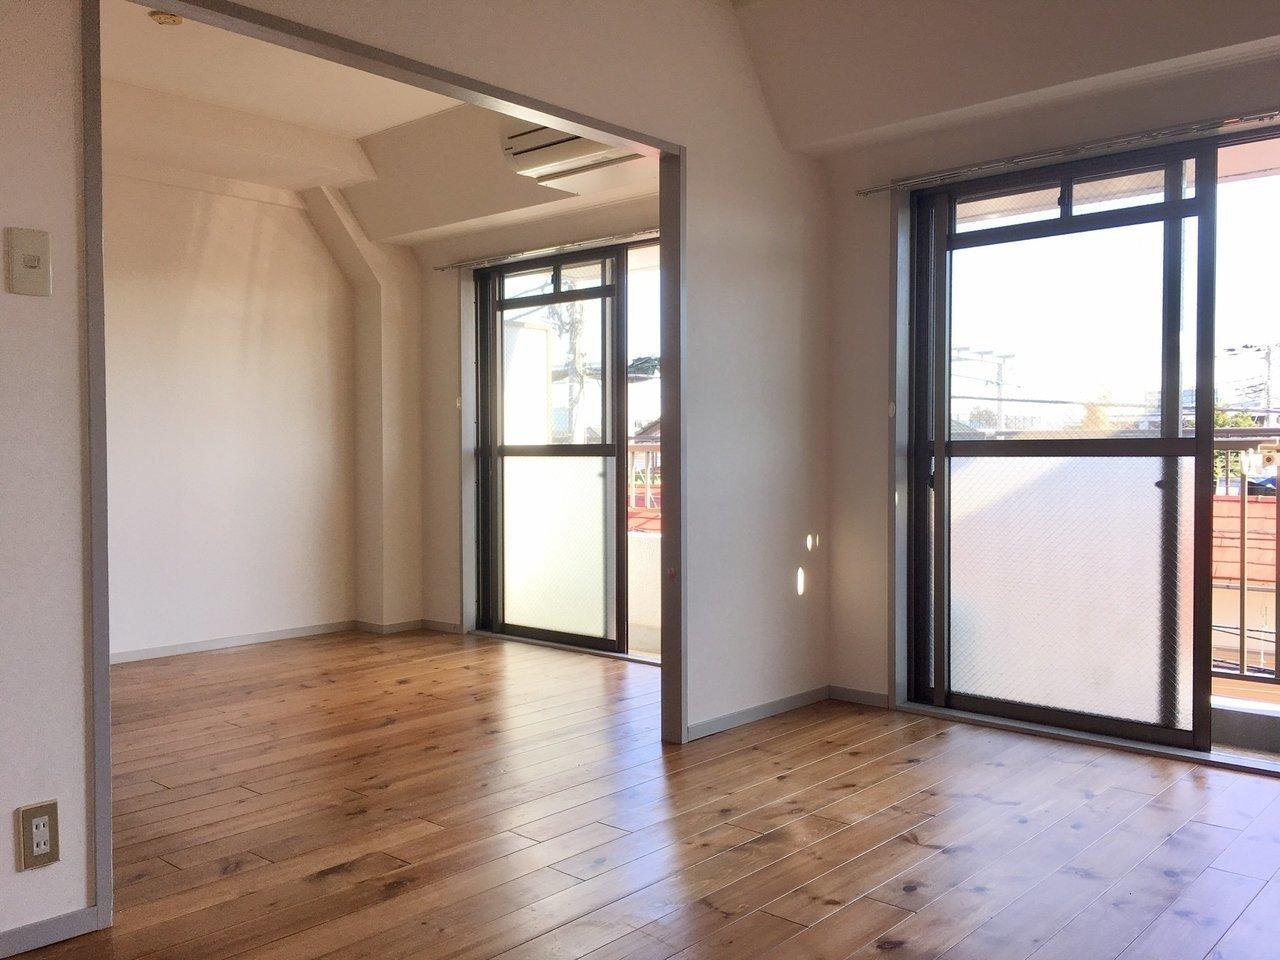 窓に対して横長の13.5畳のLDK。これにさらにもう1部屋ついているので、かなりゆとりを持って暮らせそう。